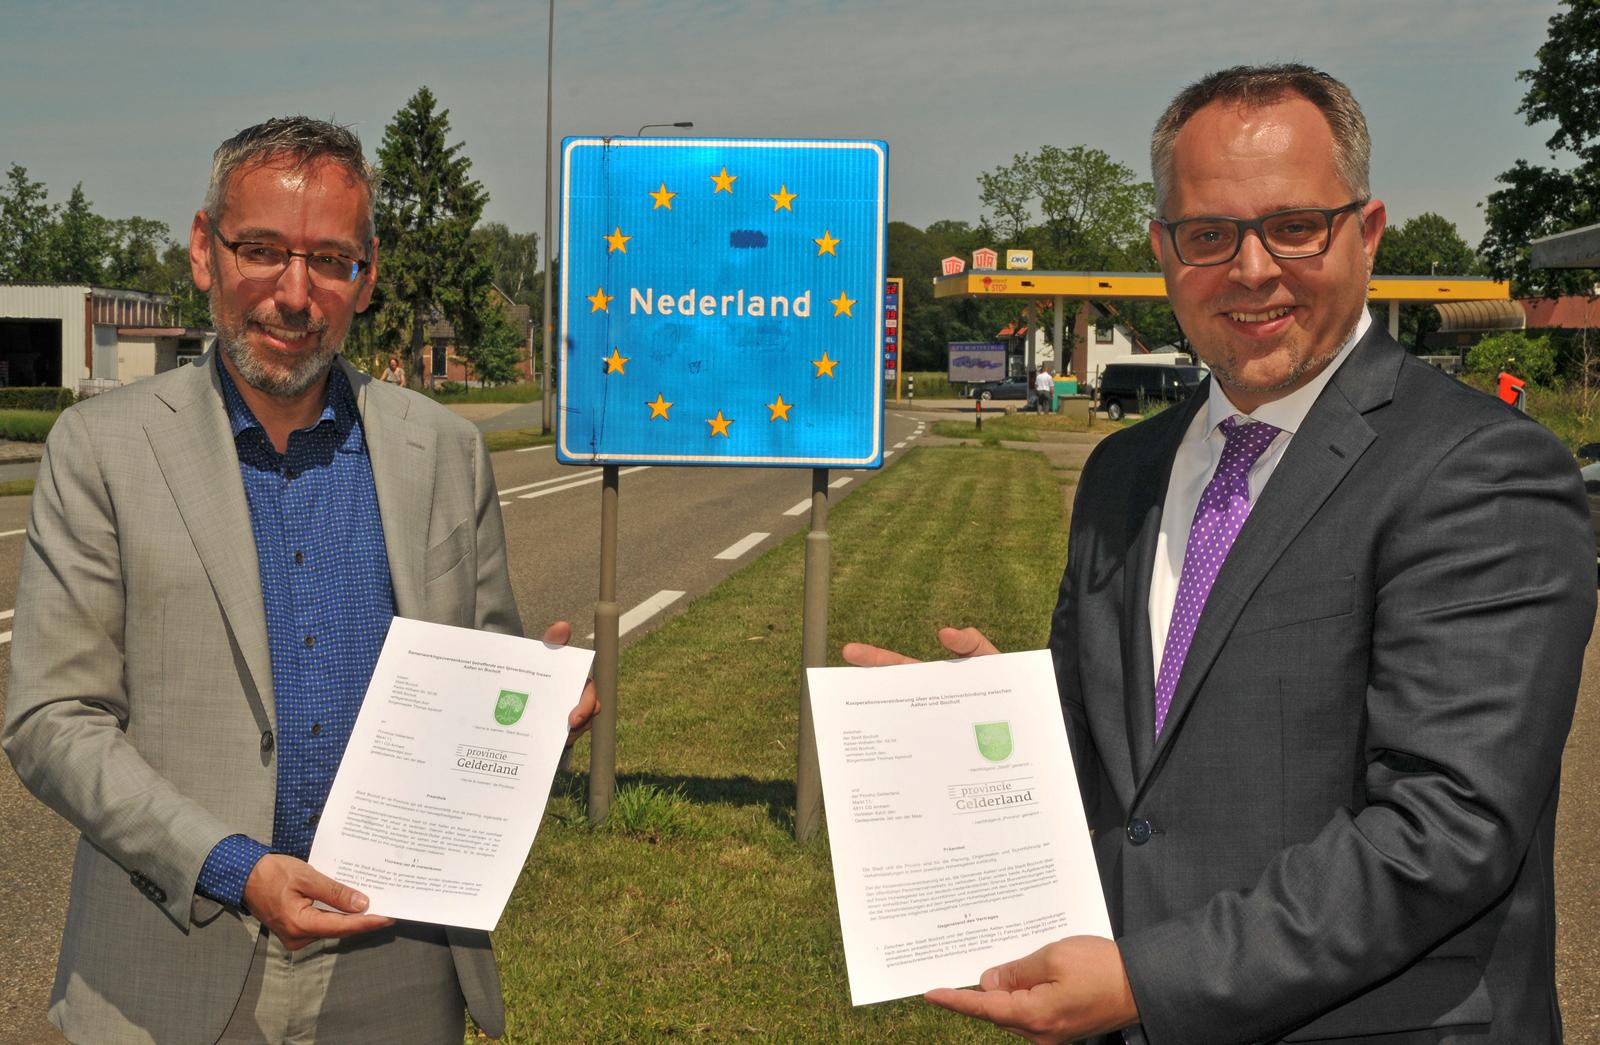 Jan Van De Meer Thomas Kerkhoff Vereinbarung Betrieb Buslinie C 11 Bocholt Aalten 1 ©Bruno Wansing Stadt Bocholt